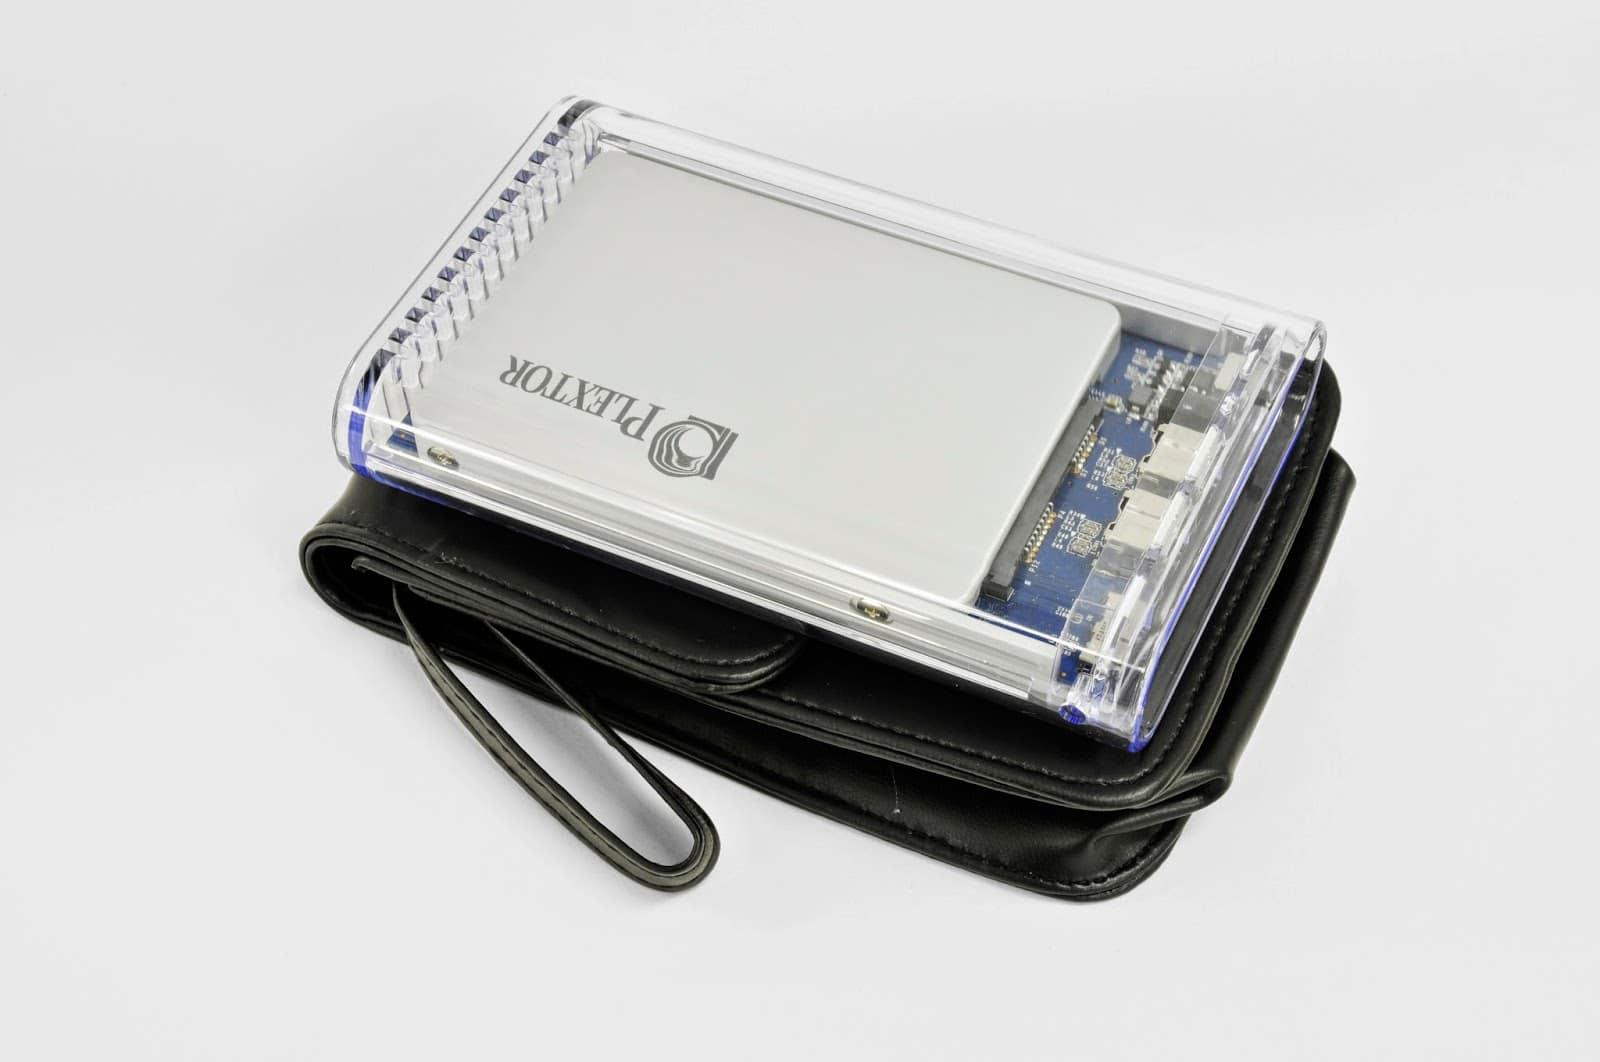 ああ・・・透明が新しく見える?MAC mini用の透明ケースをご紹介